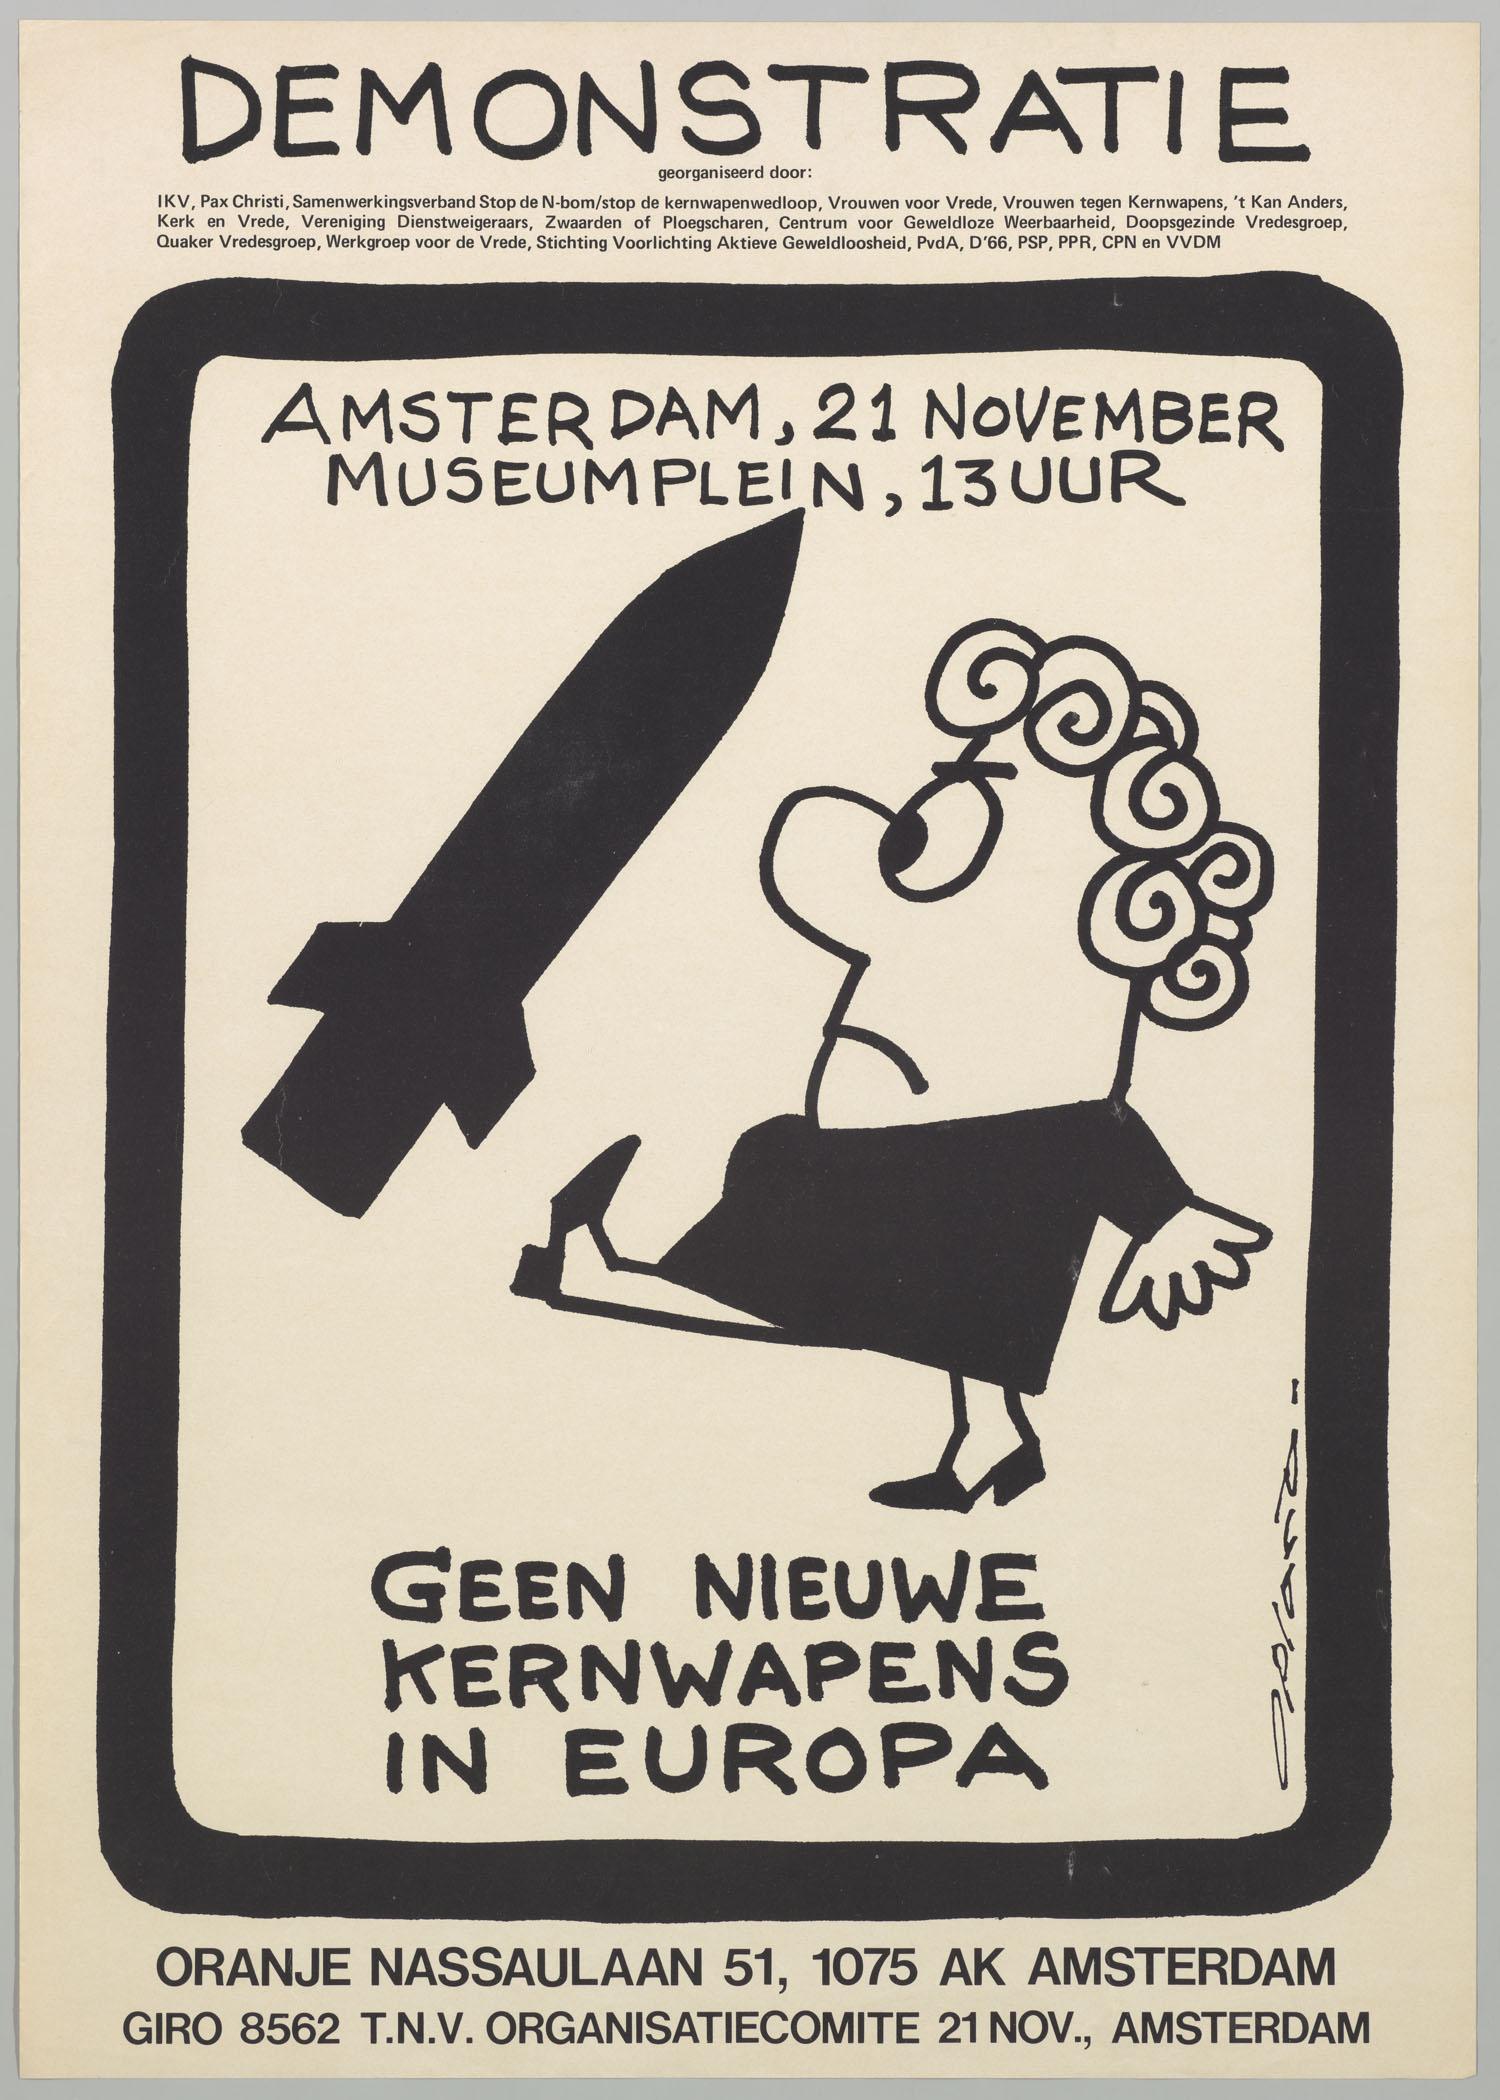 Demonstratie geen nieuwe kernwapens in europa amsterdam for Demonstratie amsterdam